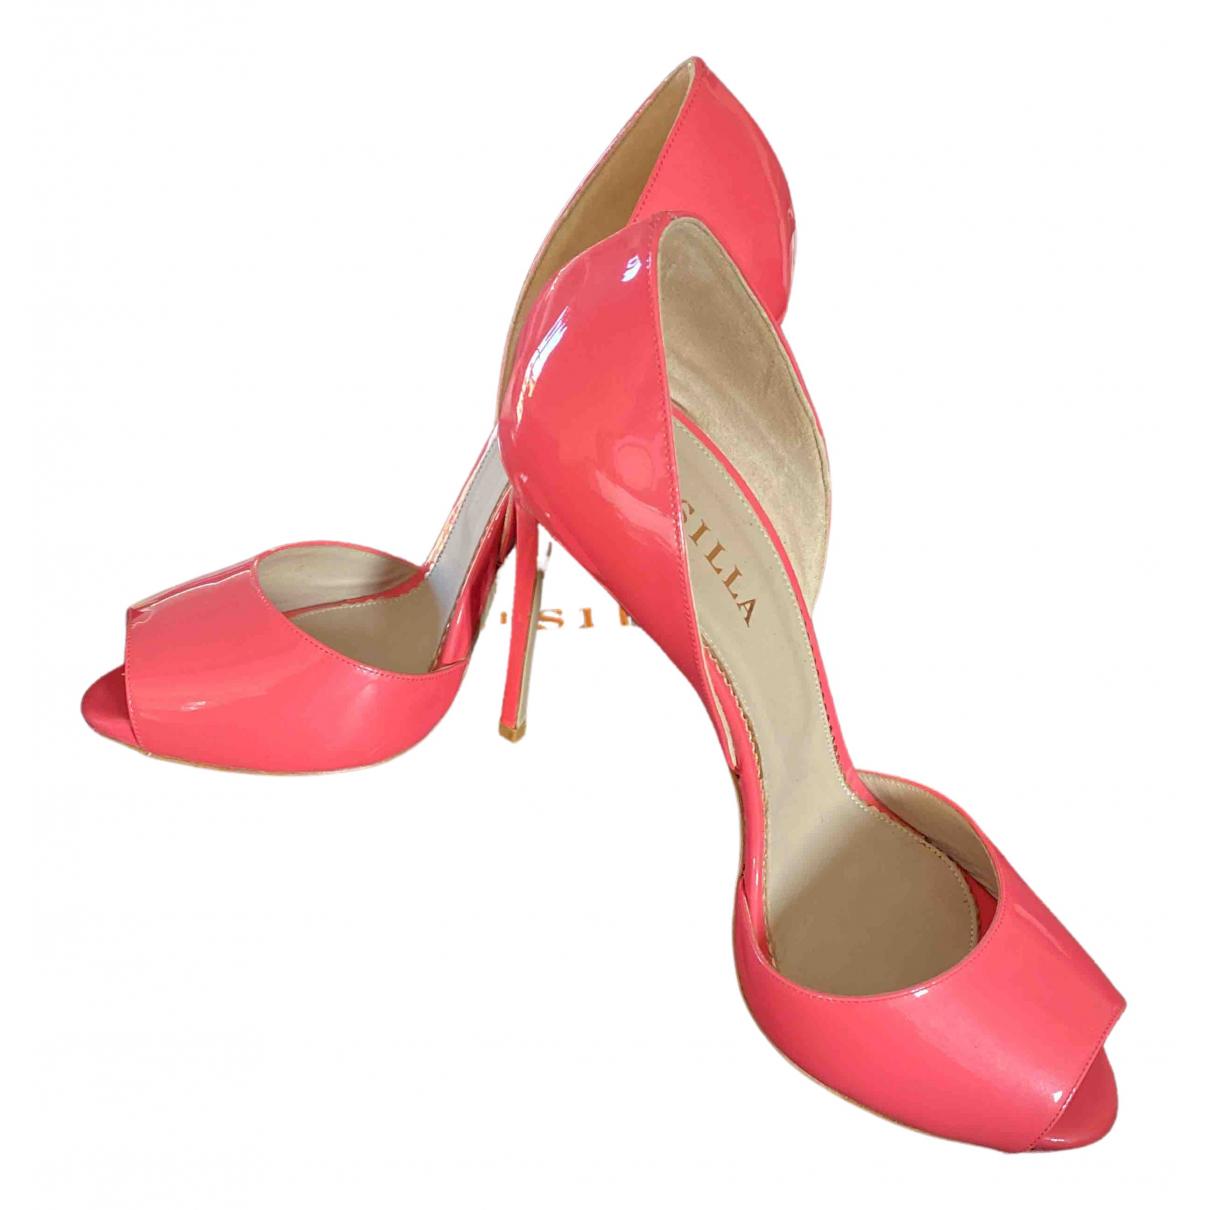 Le Silla - Escarpins   pour femme en cuir verni - rose